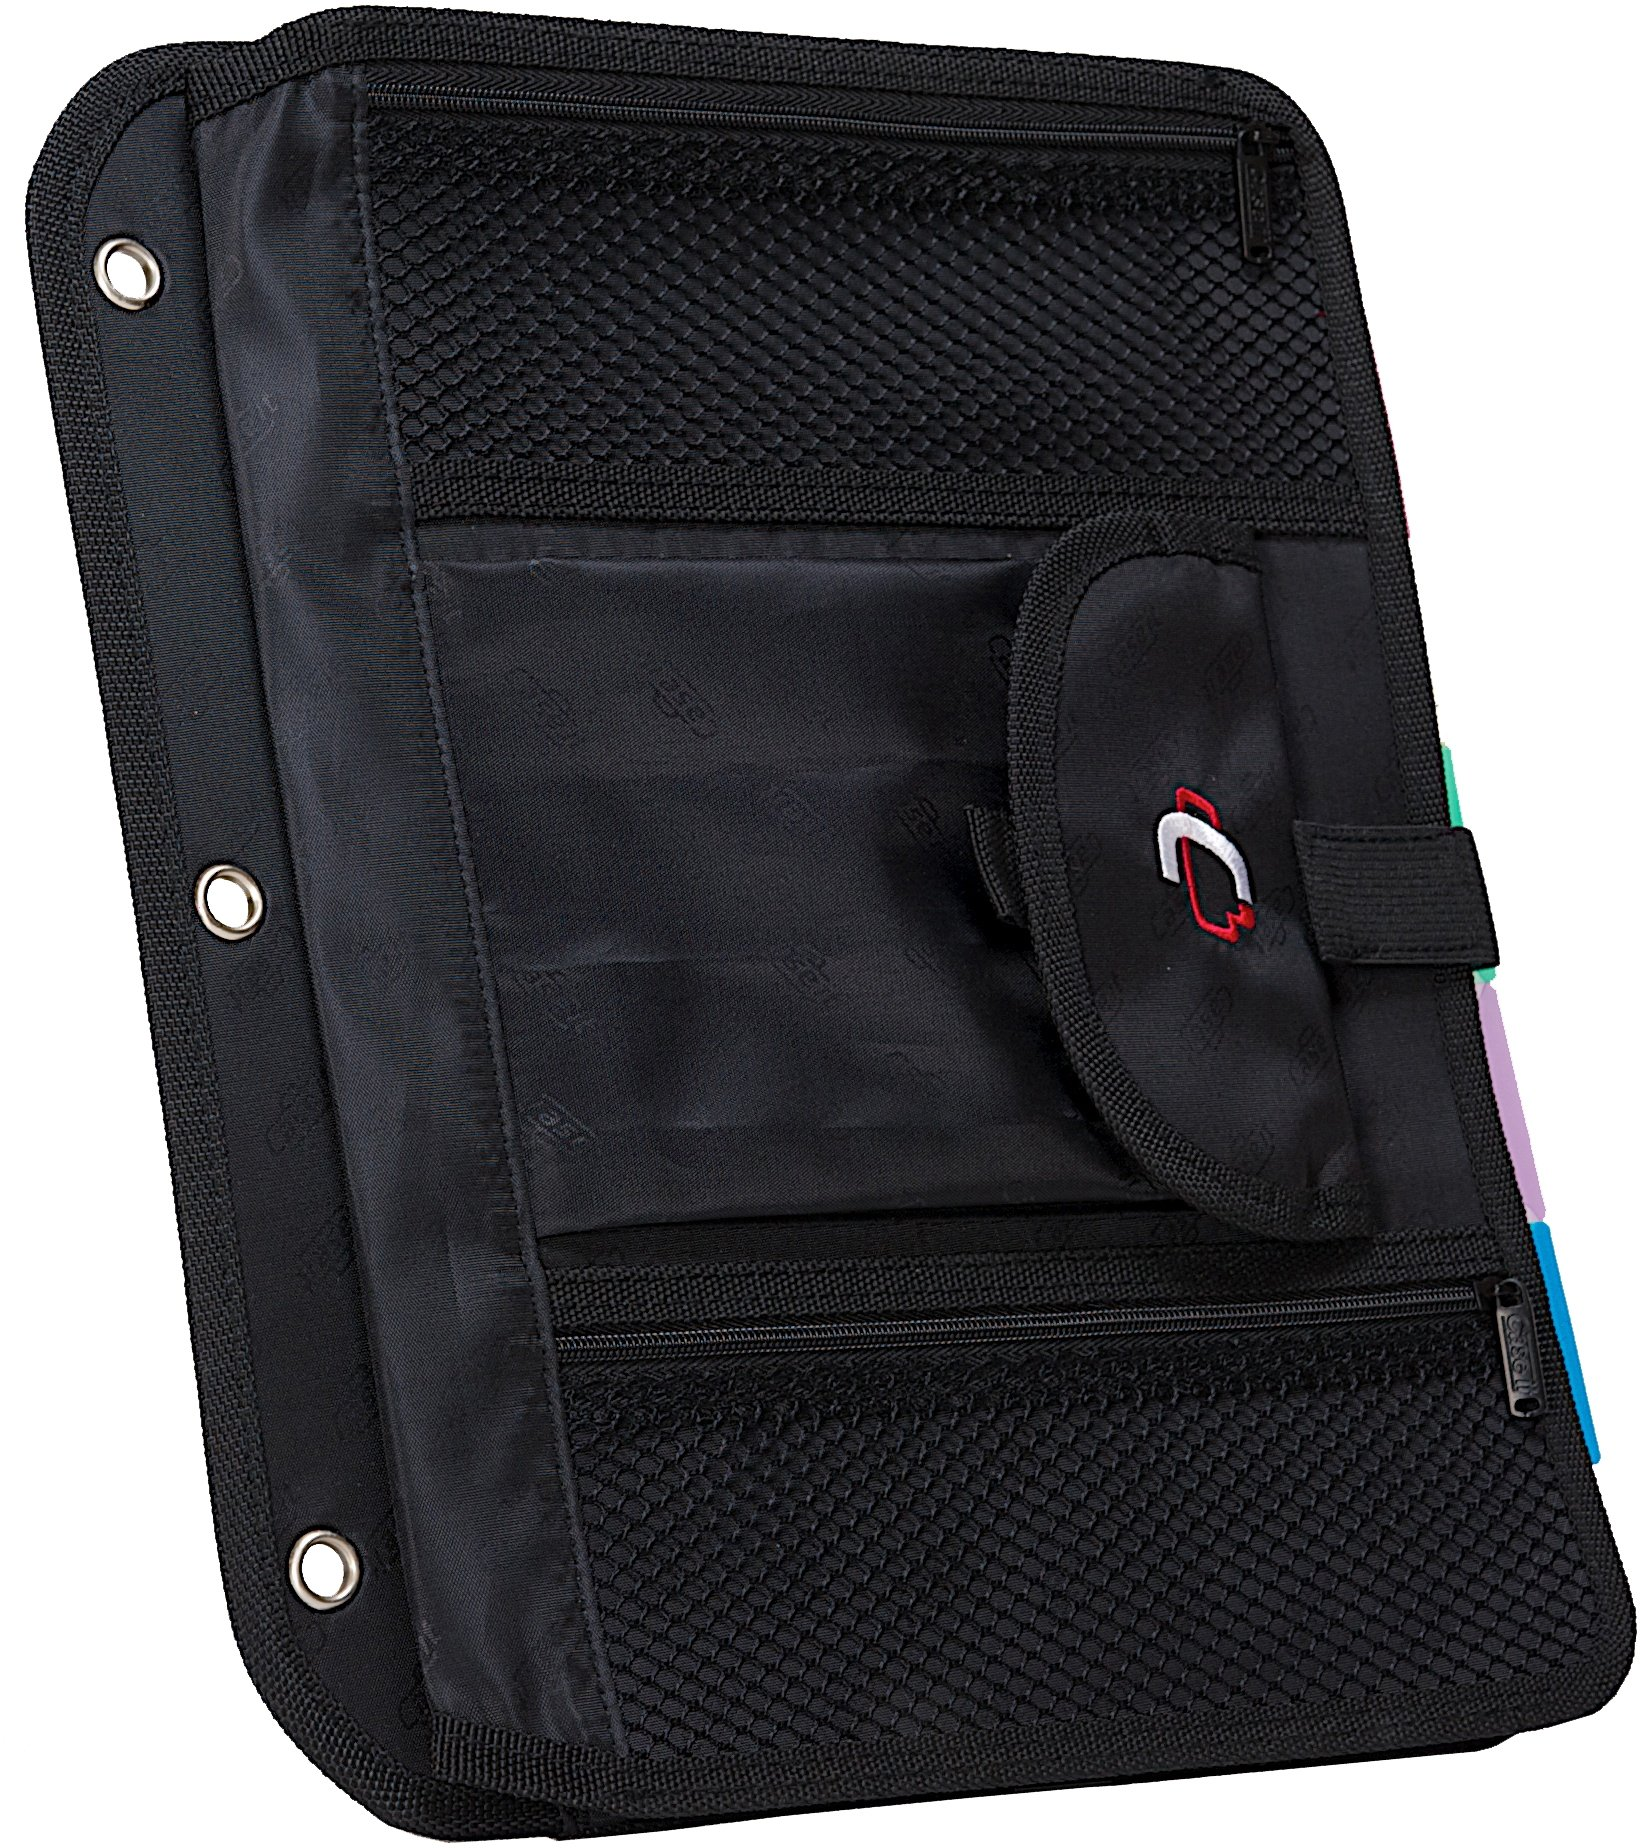 Case-it Locker Accessory 5-Tab File, Black, ACC-21-BLK